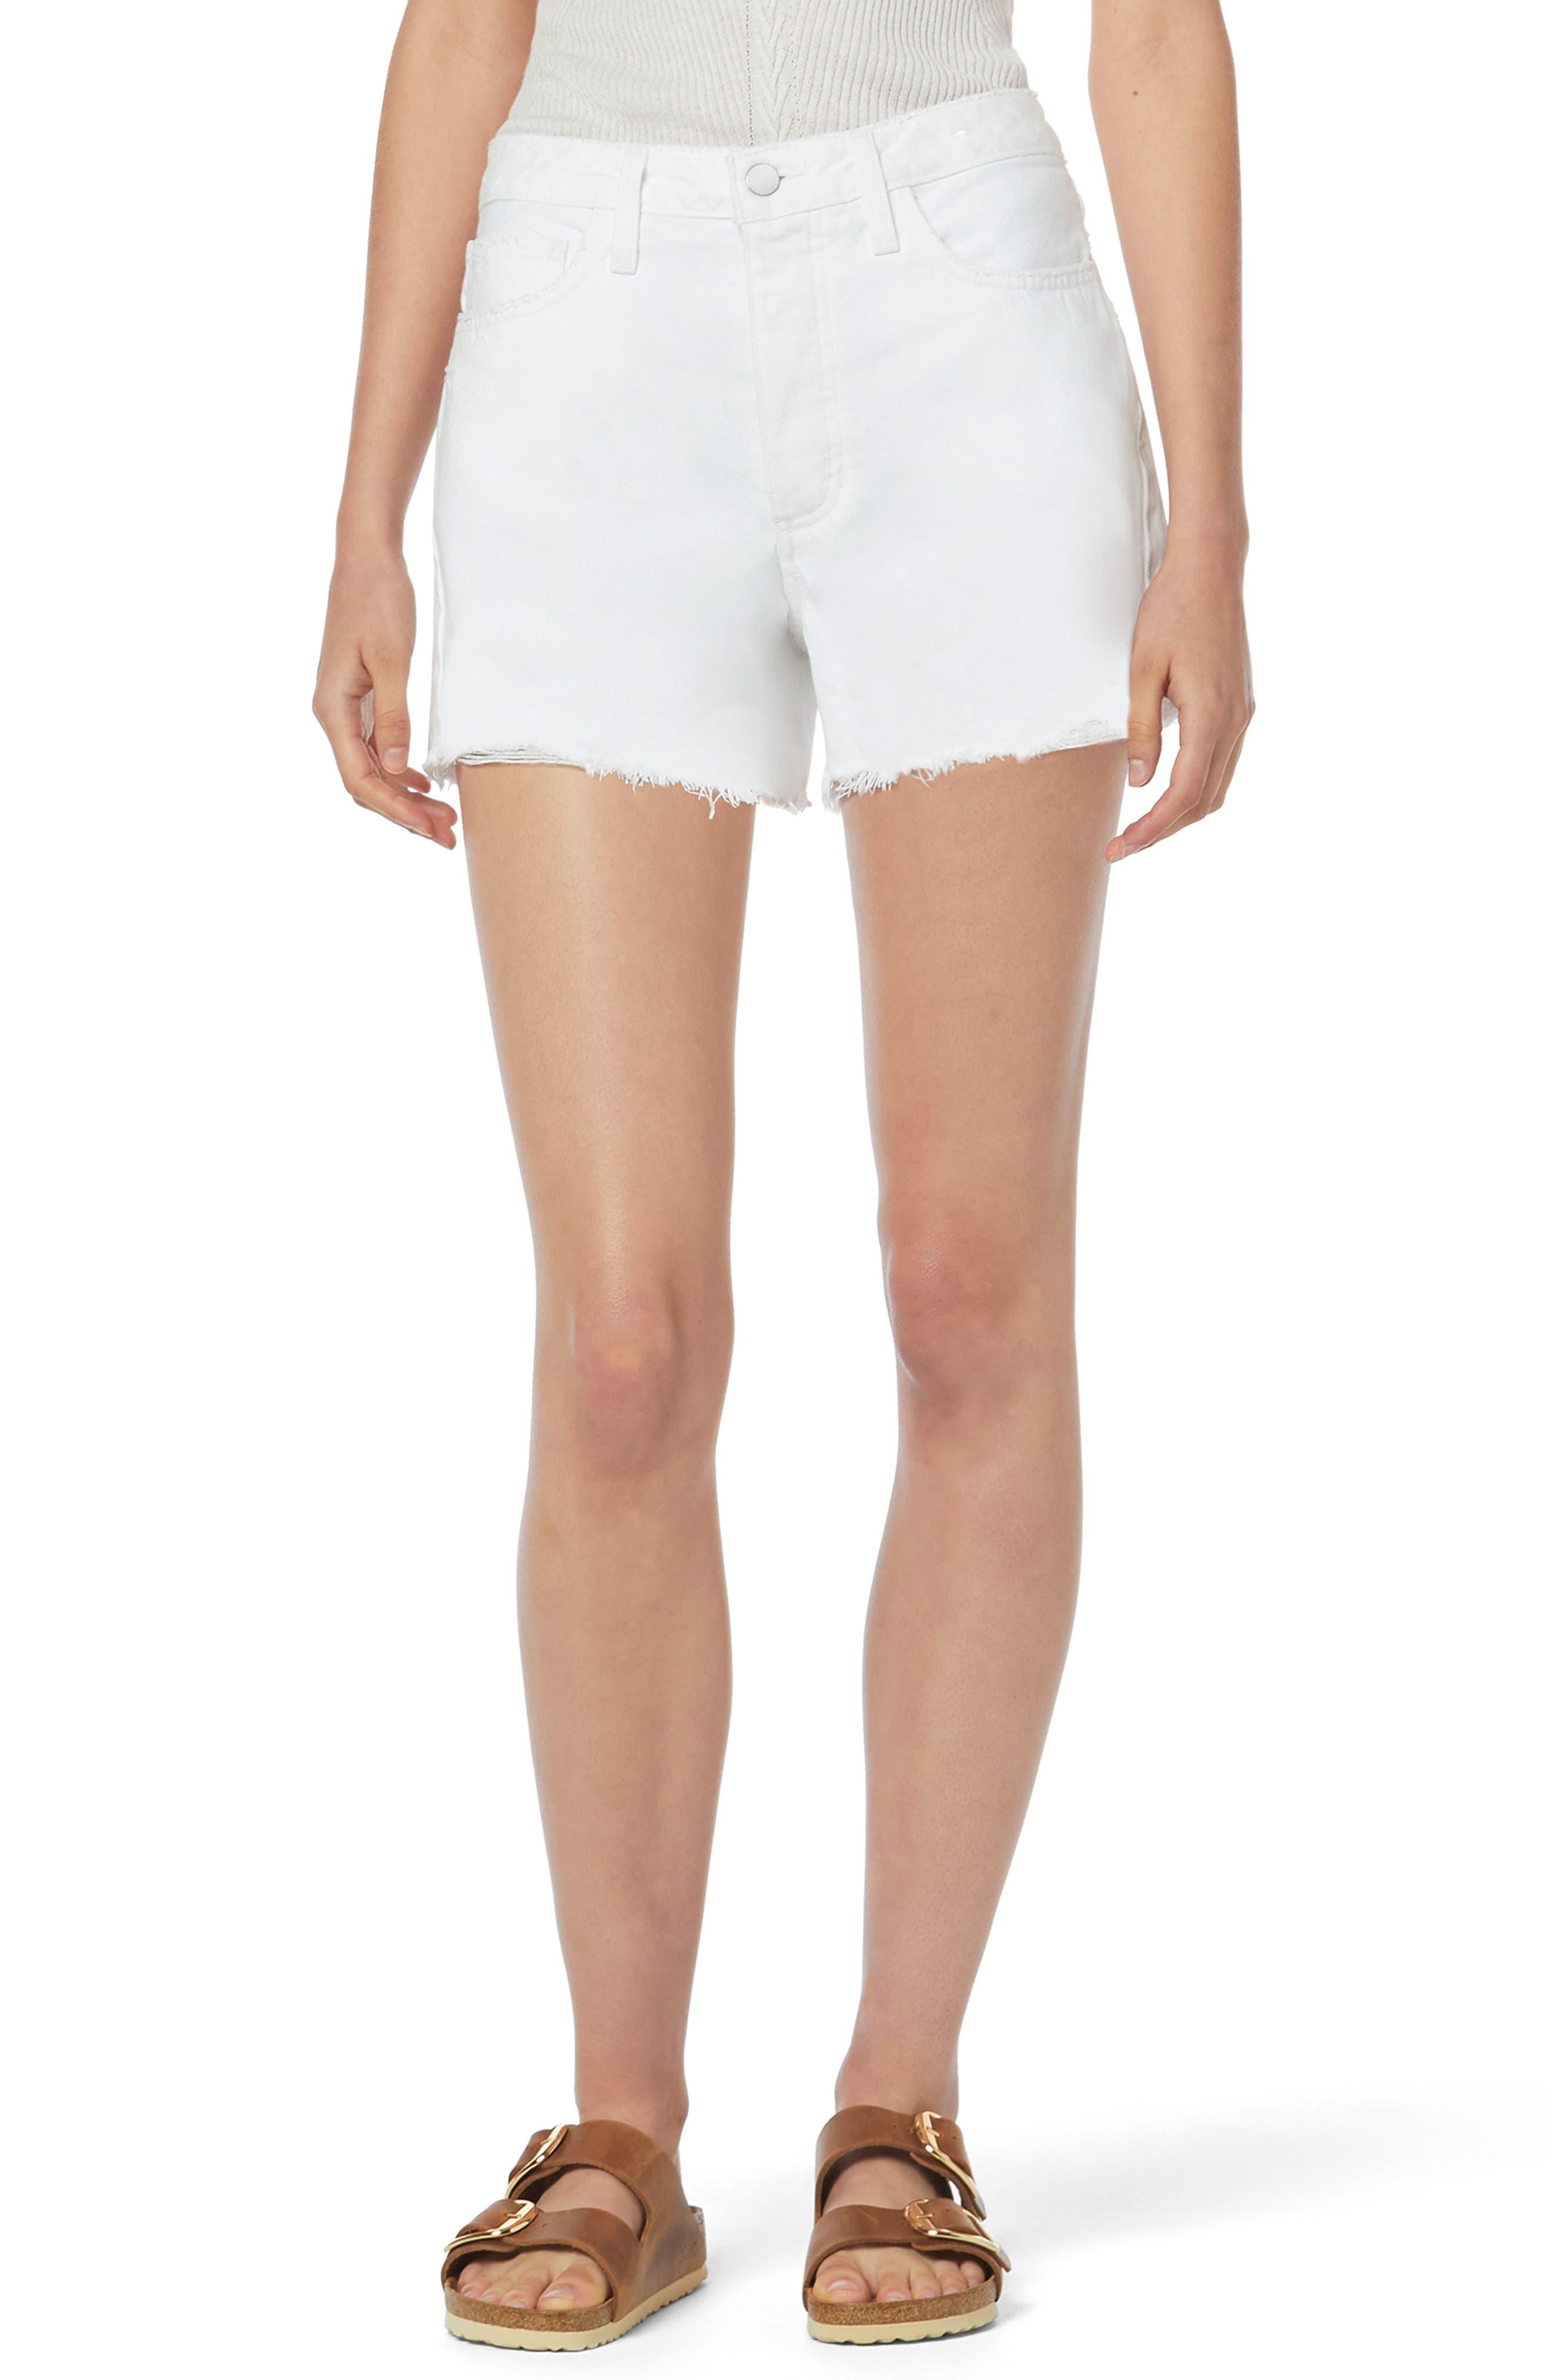 The Josie Boyfriend Denim Cutoff Shorts